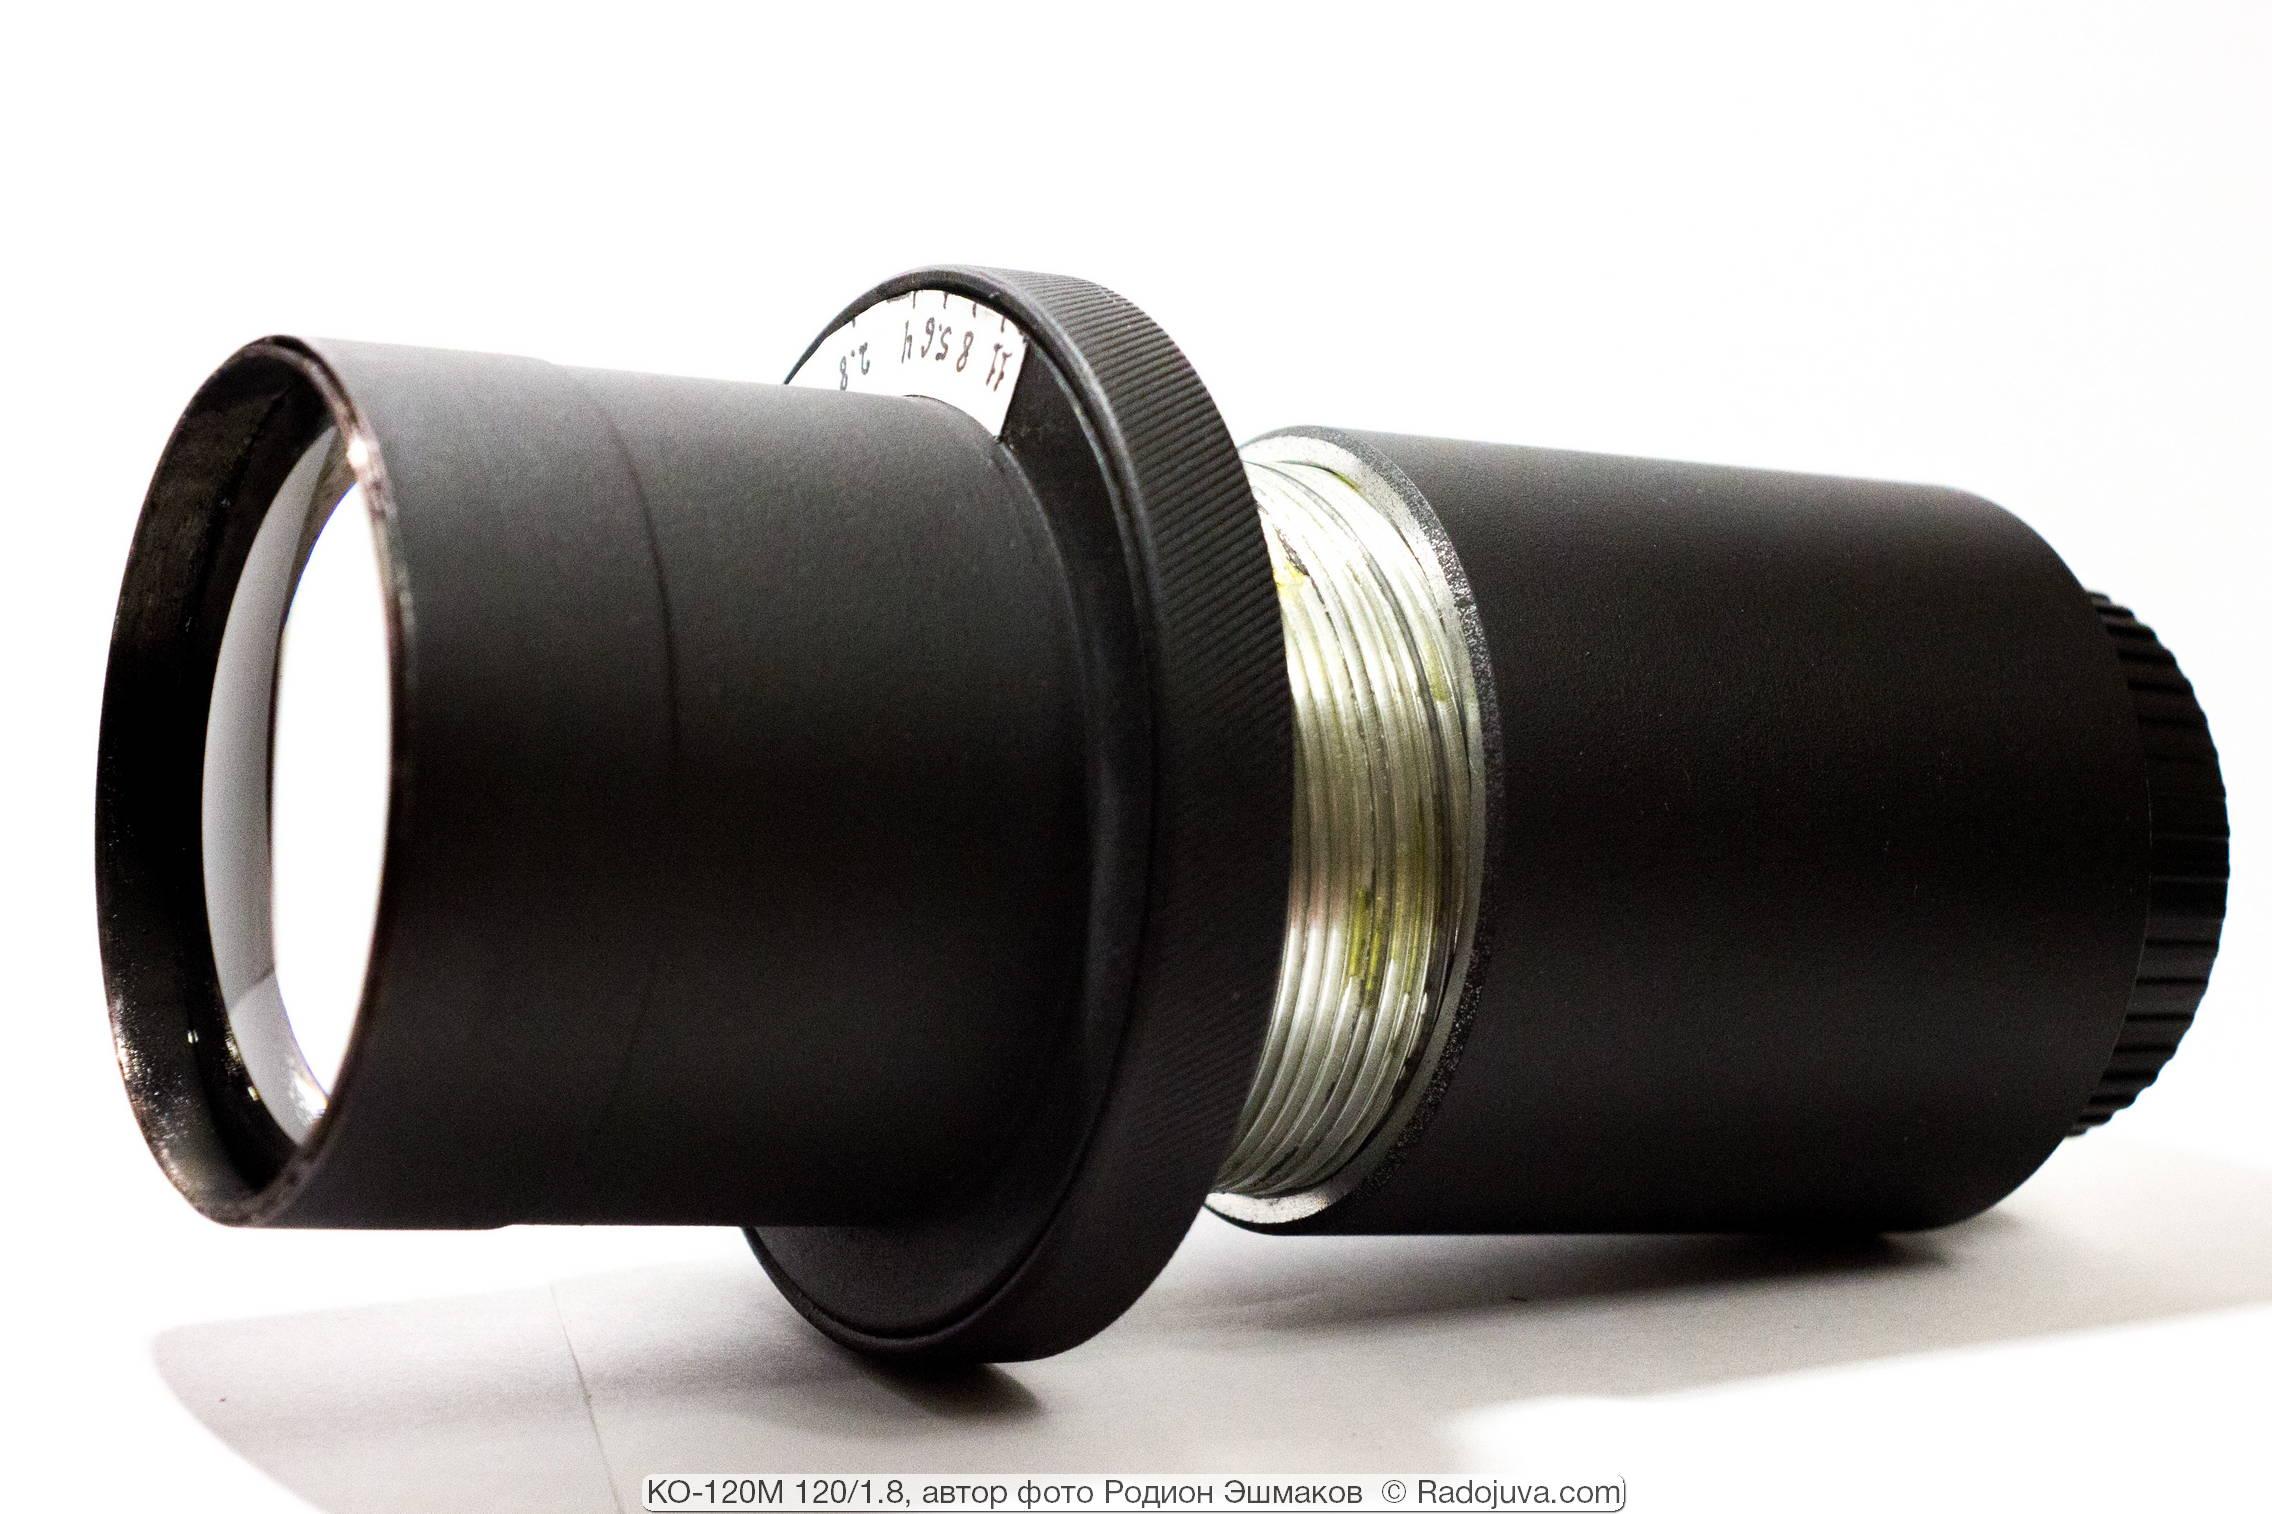 Геликоид для этого объектива сделан «на века» и обеспечивает комфортную фокусировку в любых условиях.